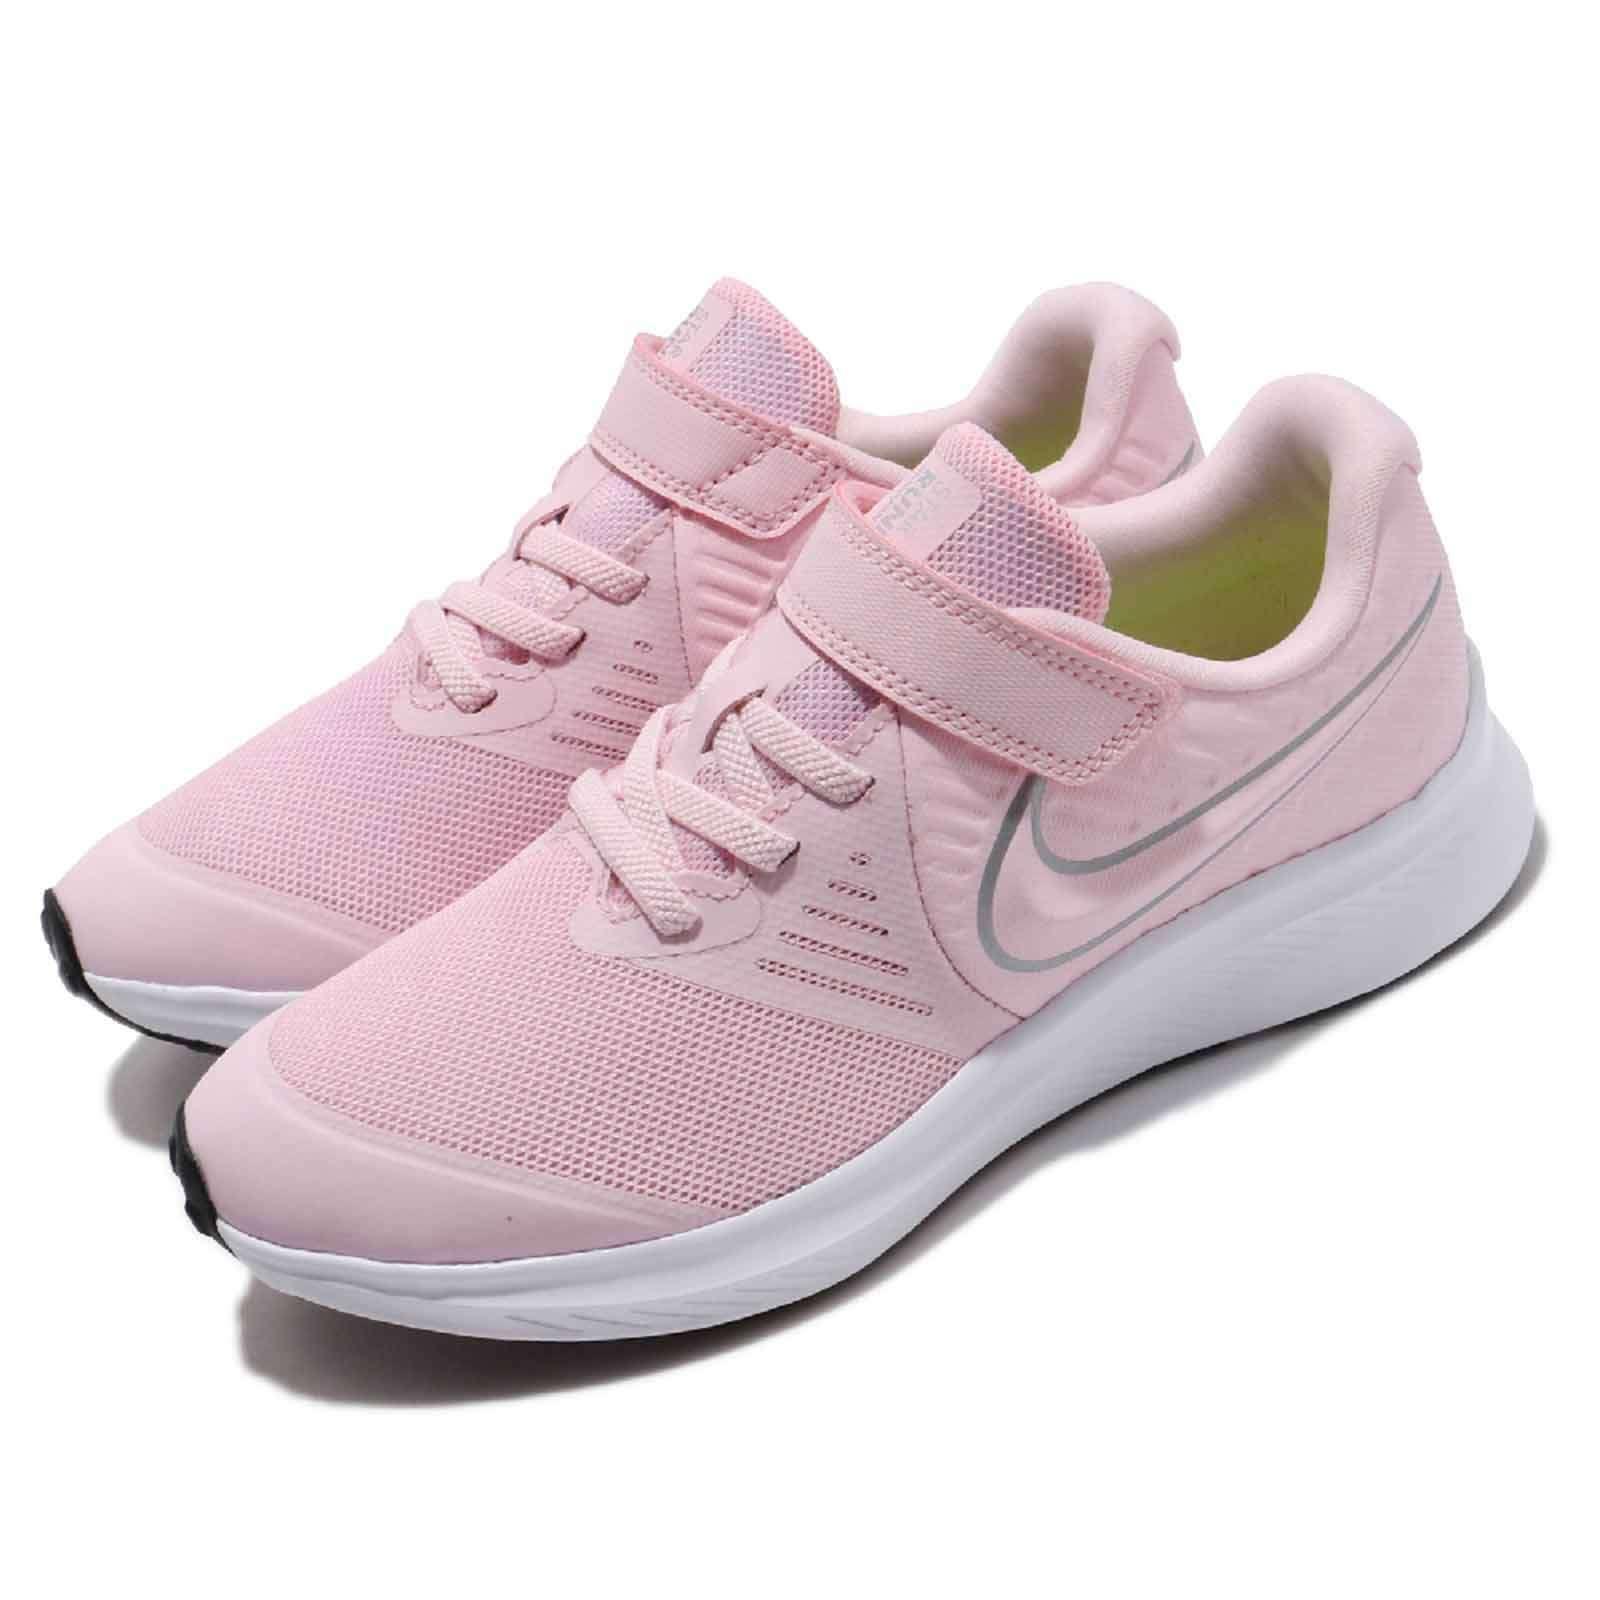 scarpe nike bambini con strappi